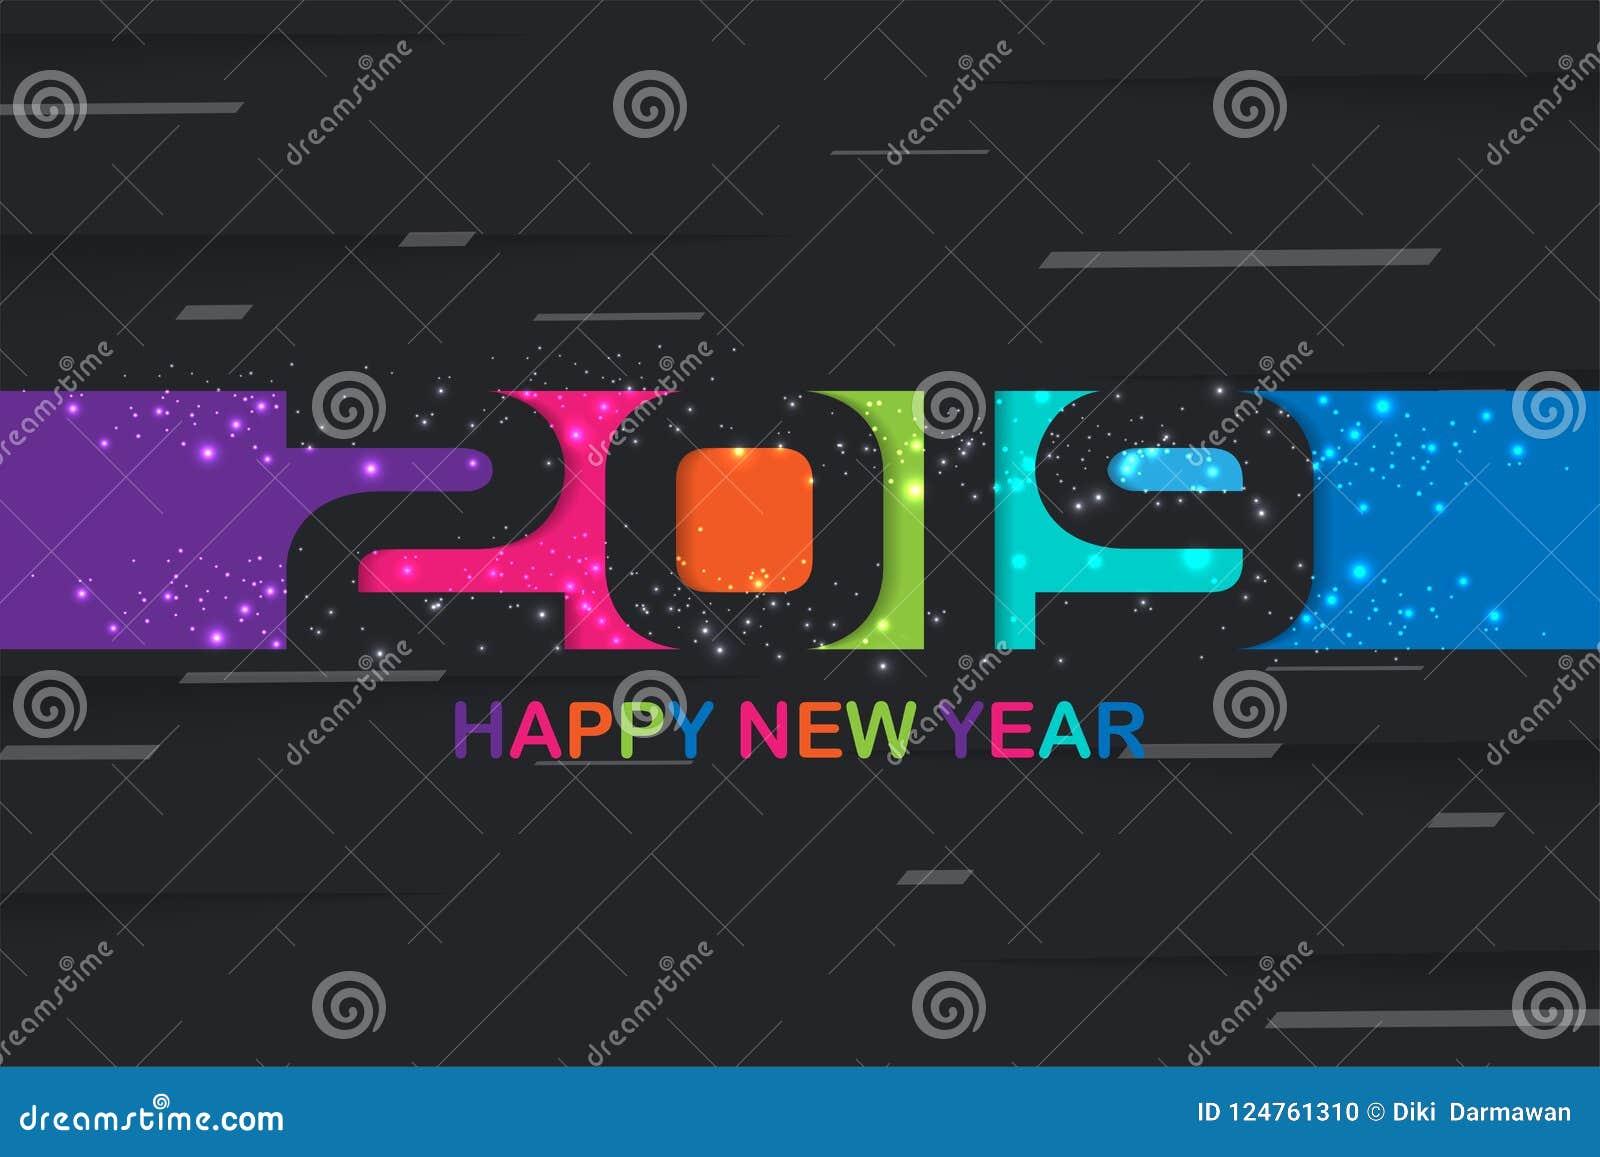 2019 Gelukkig Nieuwjaar kleurrijk creatief ontwerp als achtergrond voor uw groetenkaart, vliegers, affiches, brochure, banners, k